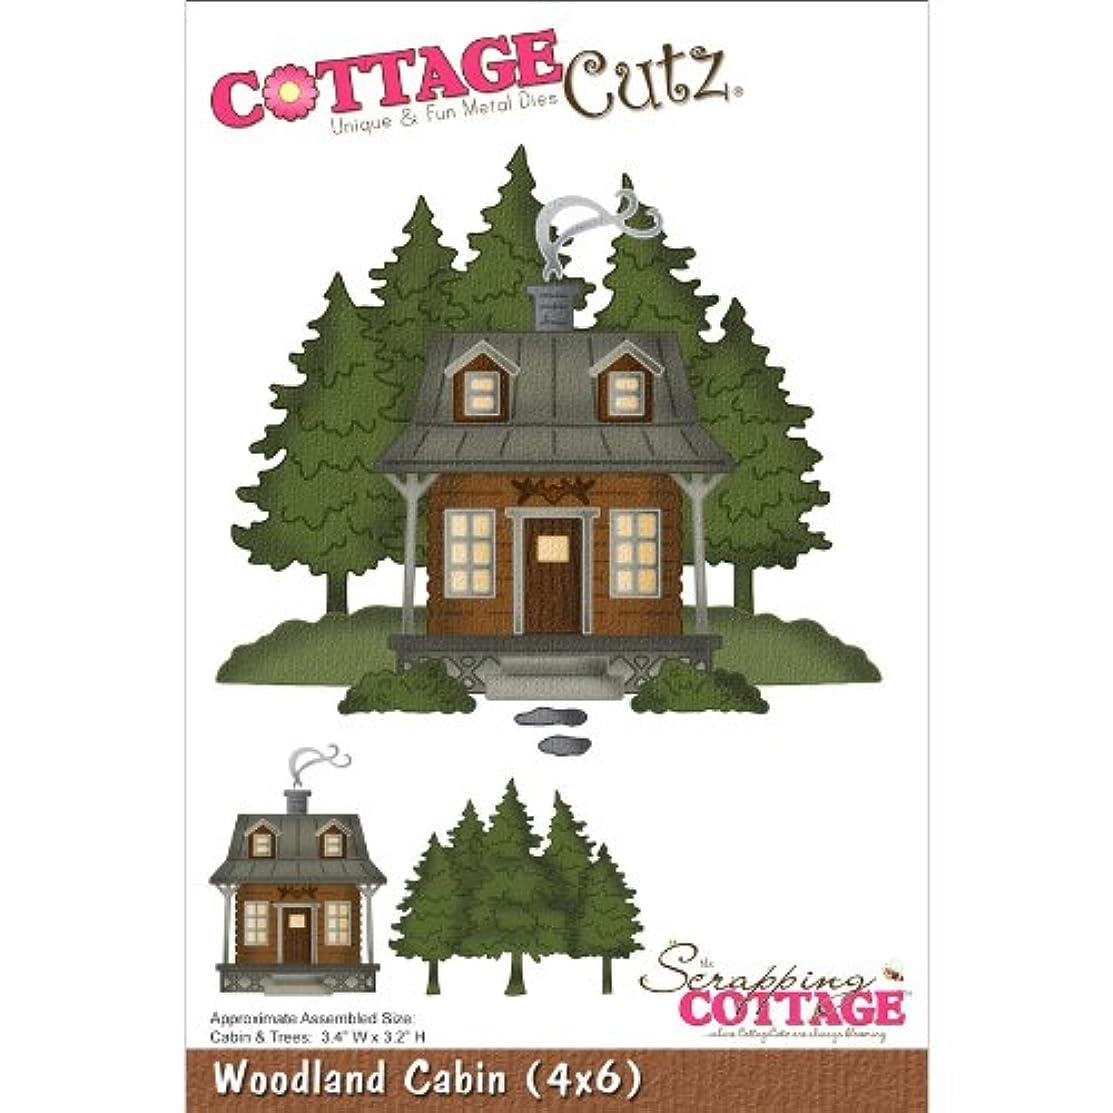 CottageCutz Die Cuts, 4 by 6-Inch, Woodland Cabin